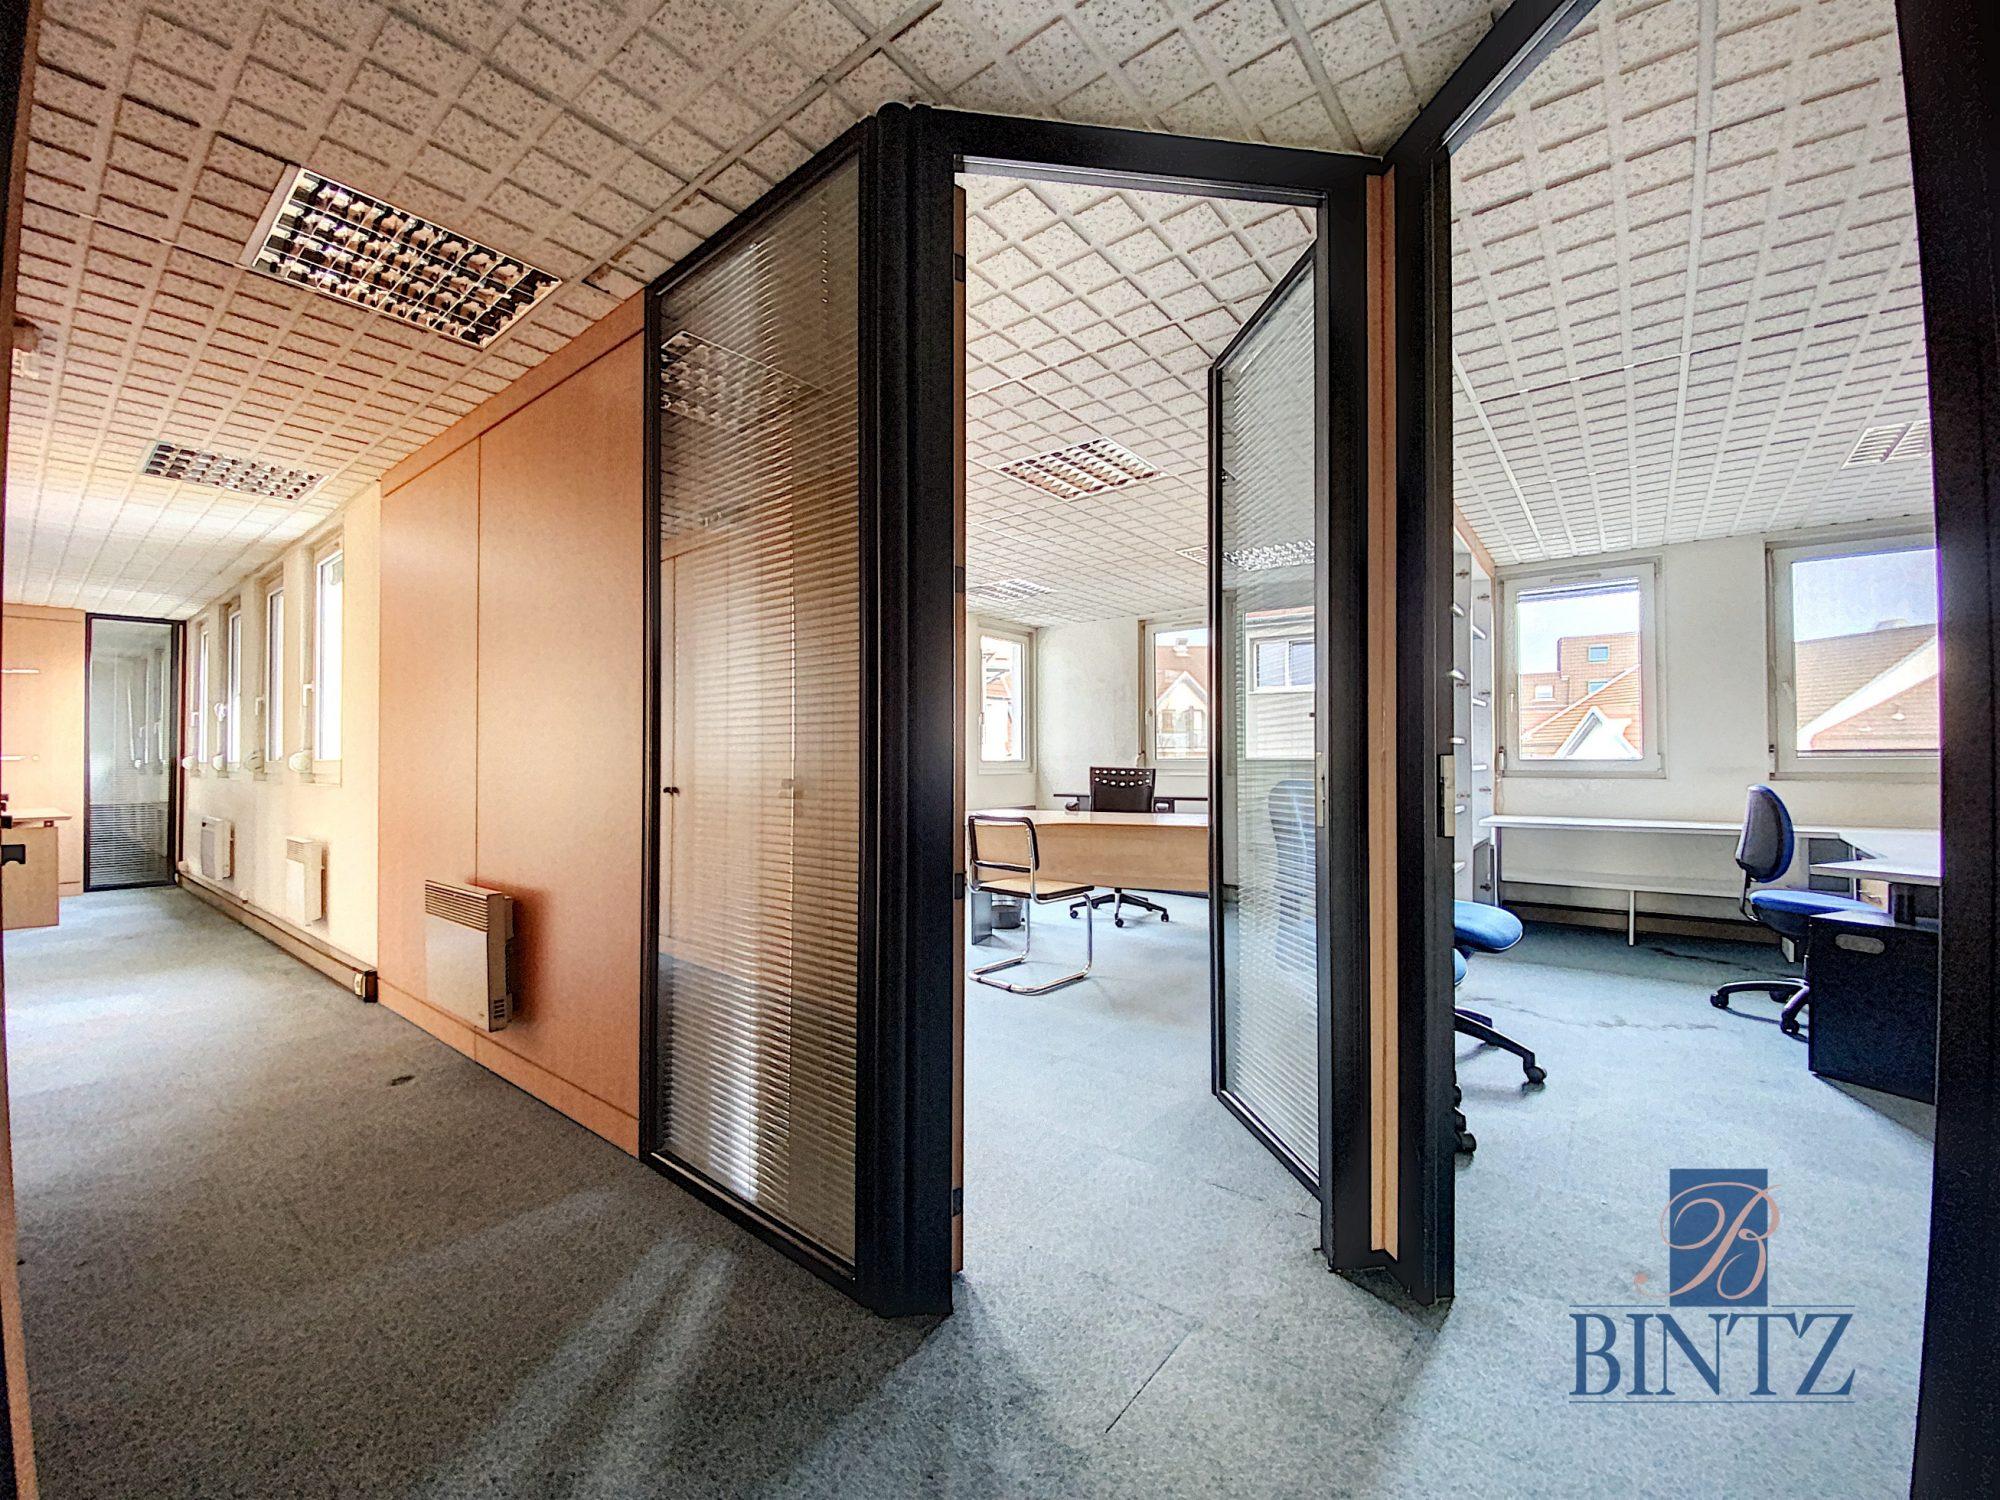 Bureaux à louer – 250m2 Quartier Fisher à Schiltigheim - Devenez locataire en toute sérénité - Bintz Immobilier - 2